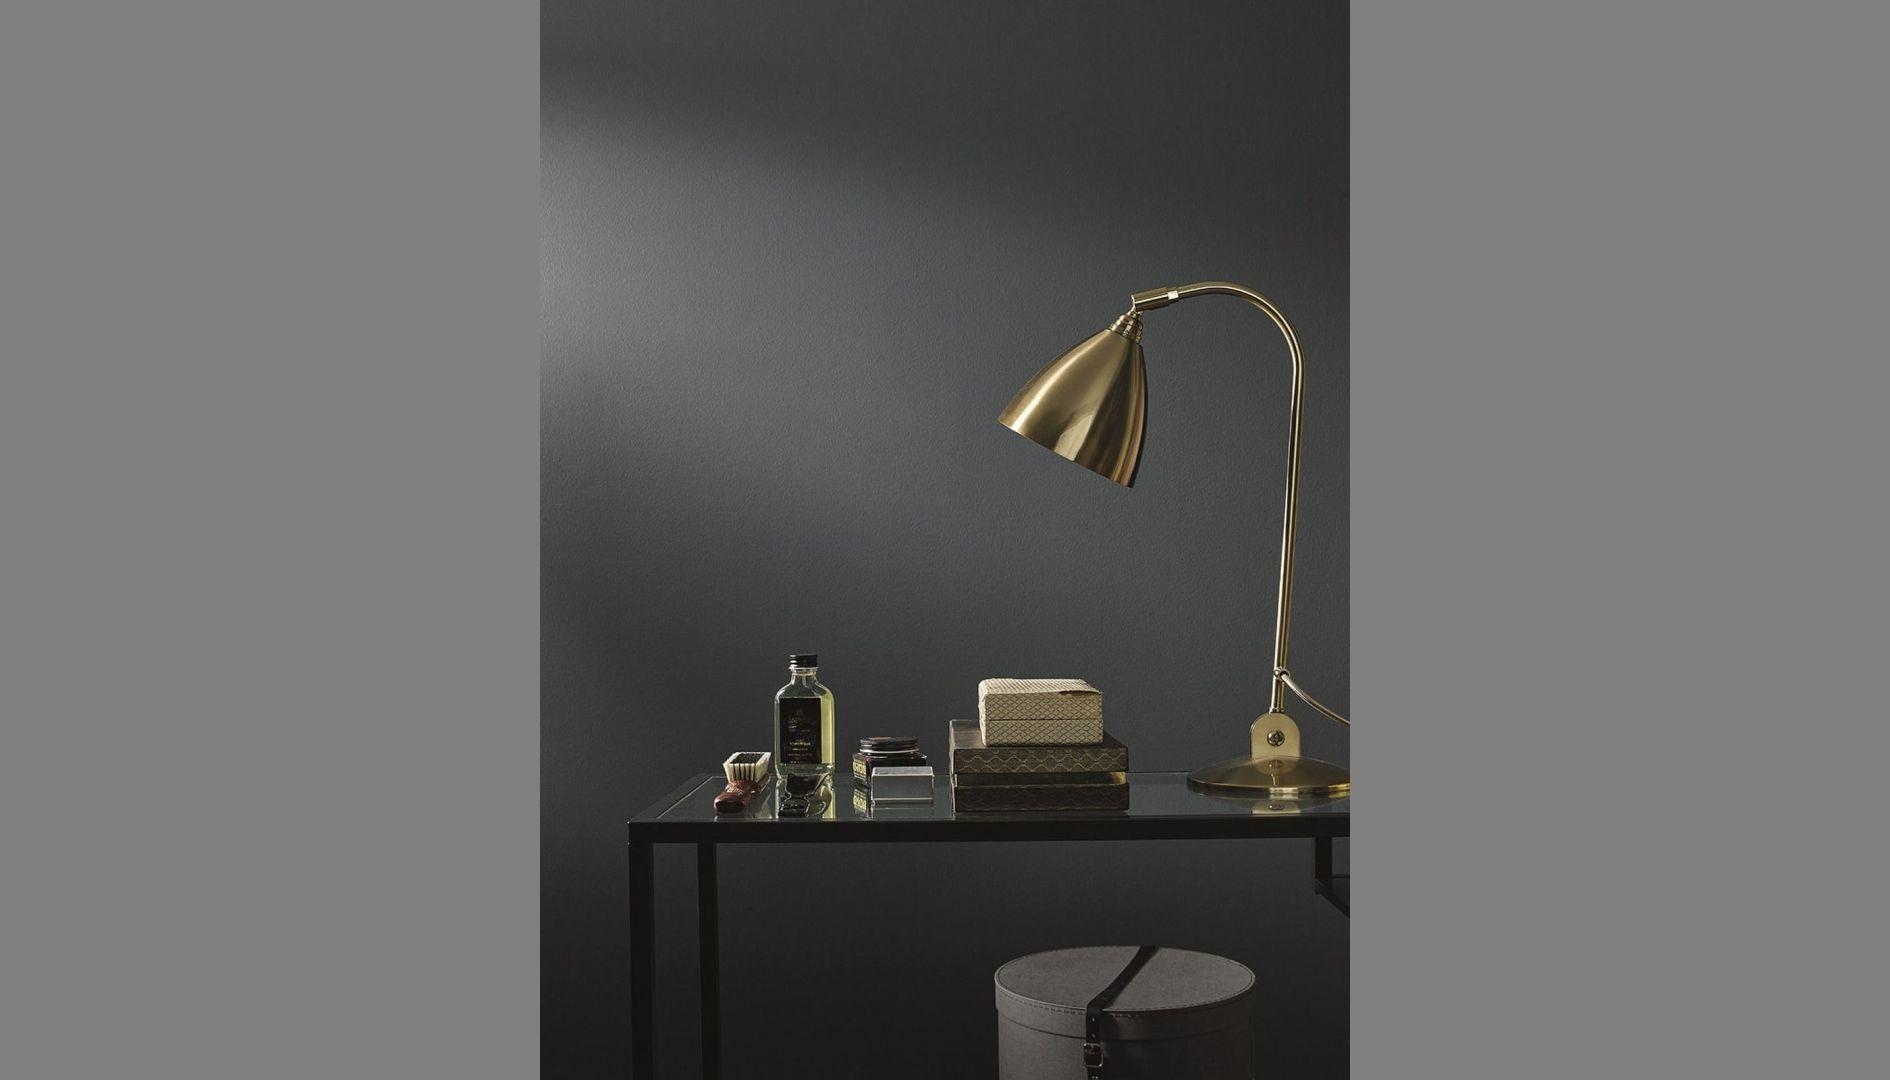 Zastosowanie farby Tikkurila Optiva Ceramic Super Matt 3 w odcieniu głębokiego granatu Indigo L426 pozwoli wykreować efektowne tło dla modnych dodatków w stylu glamour. Cena: ok. 115 zł (2,7 l). Fot. Tikkurila